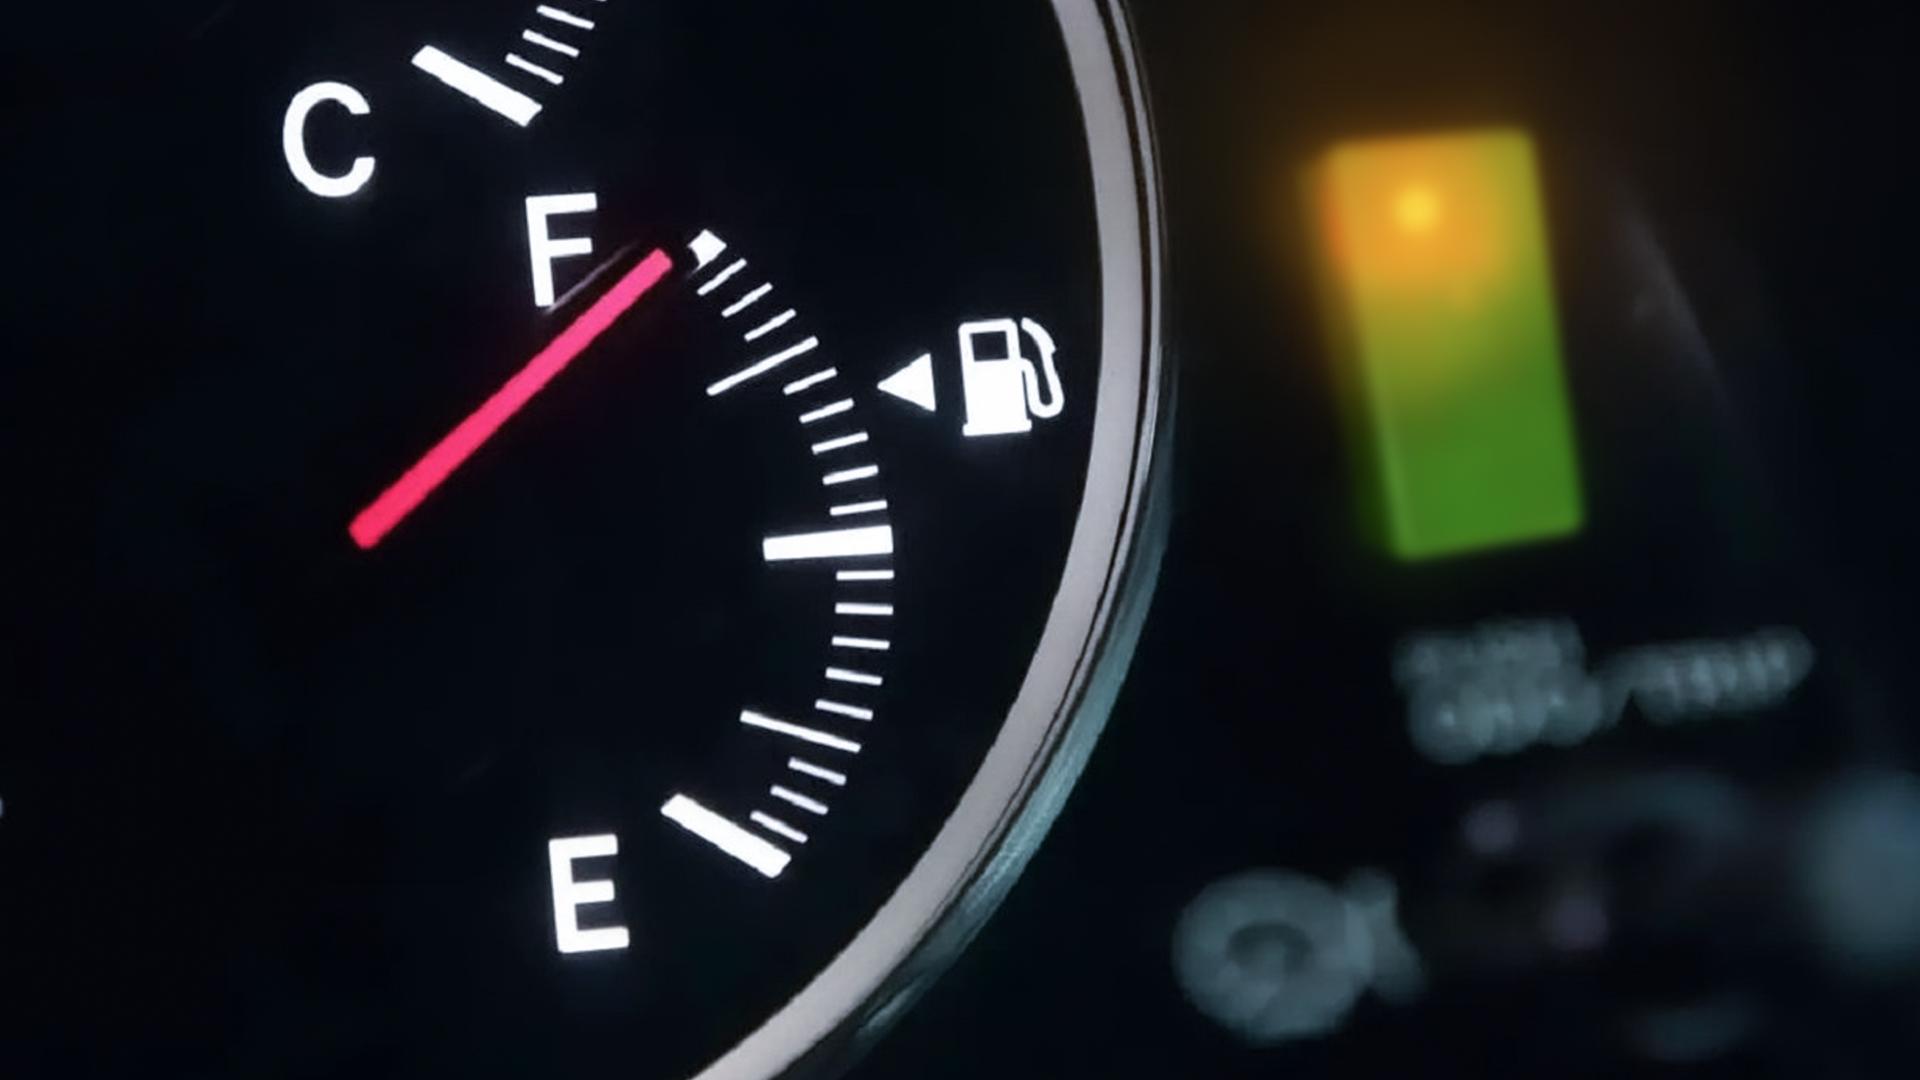 Novo economizador de combustível é PI-CA-RE-TA-GEM